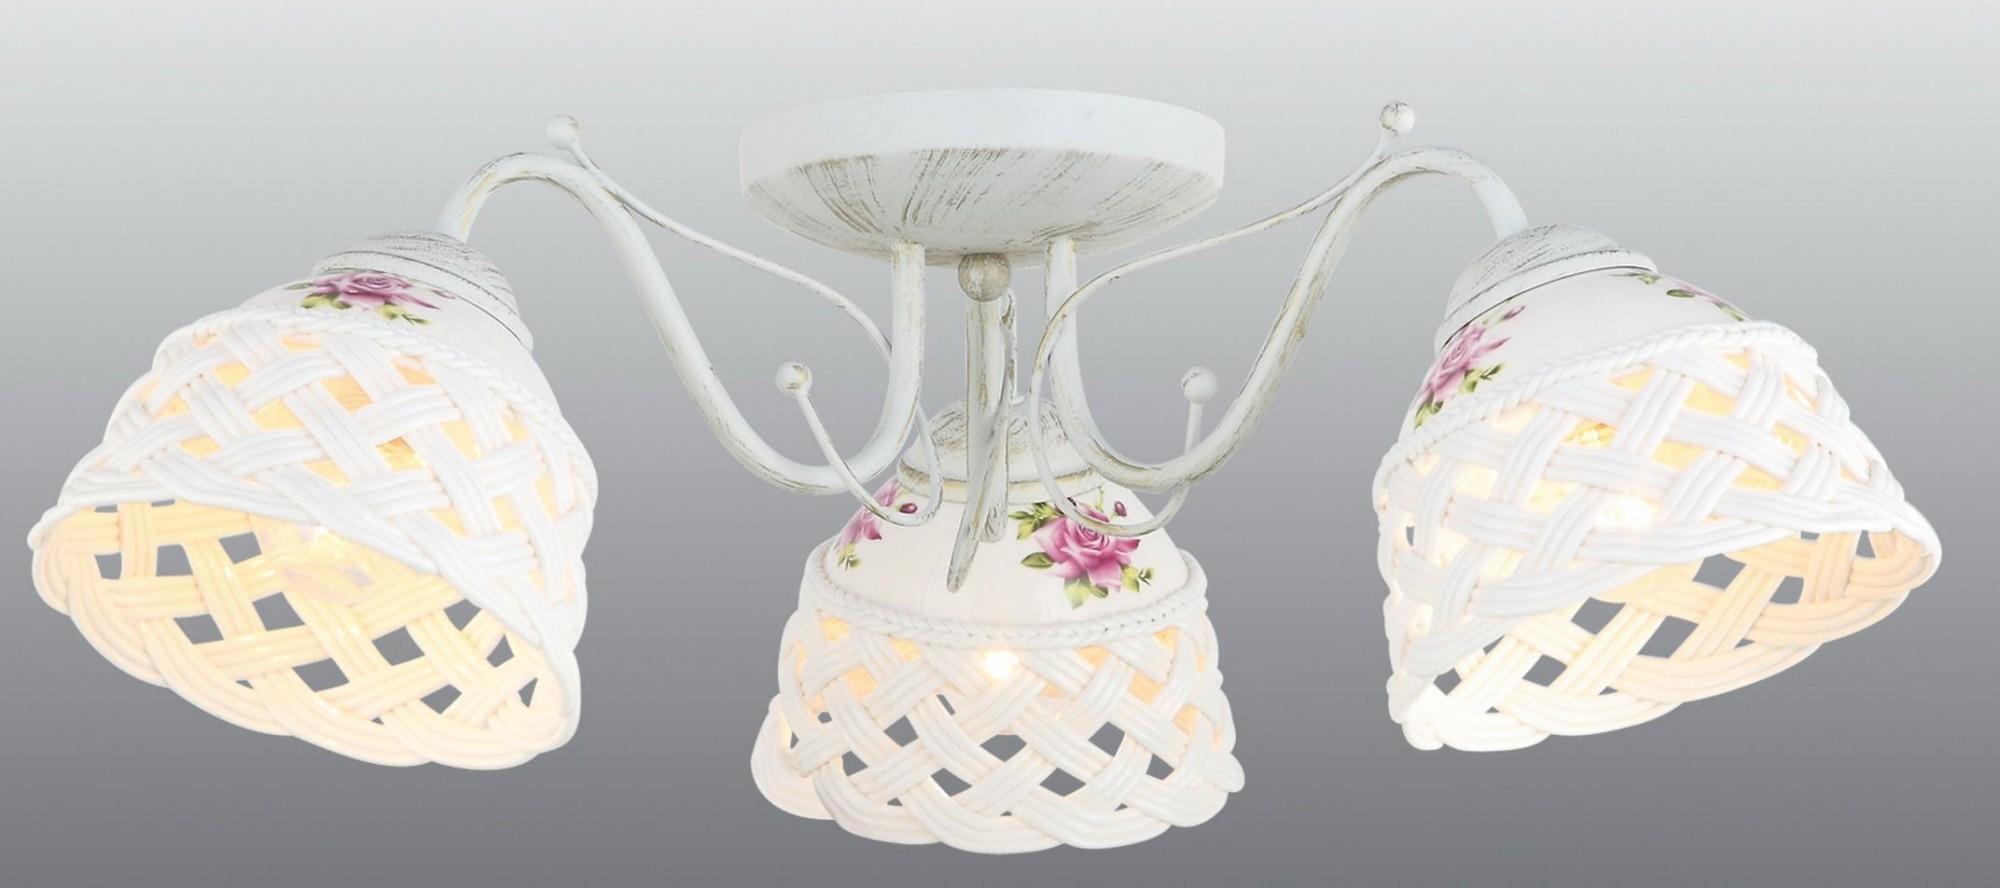 Фото товара A6616PL-3WG Arte Lamp